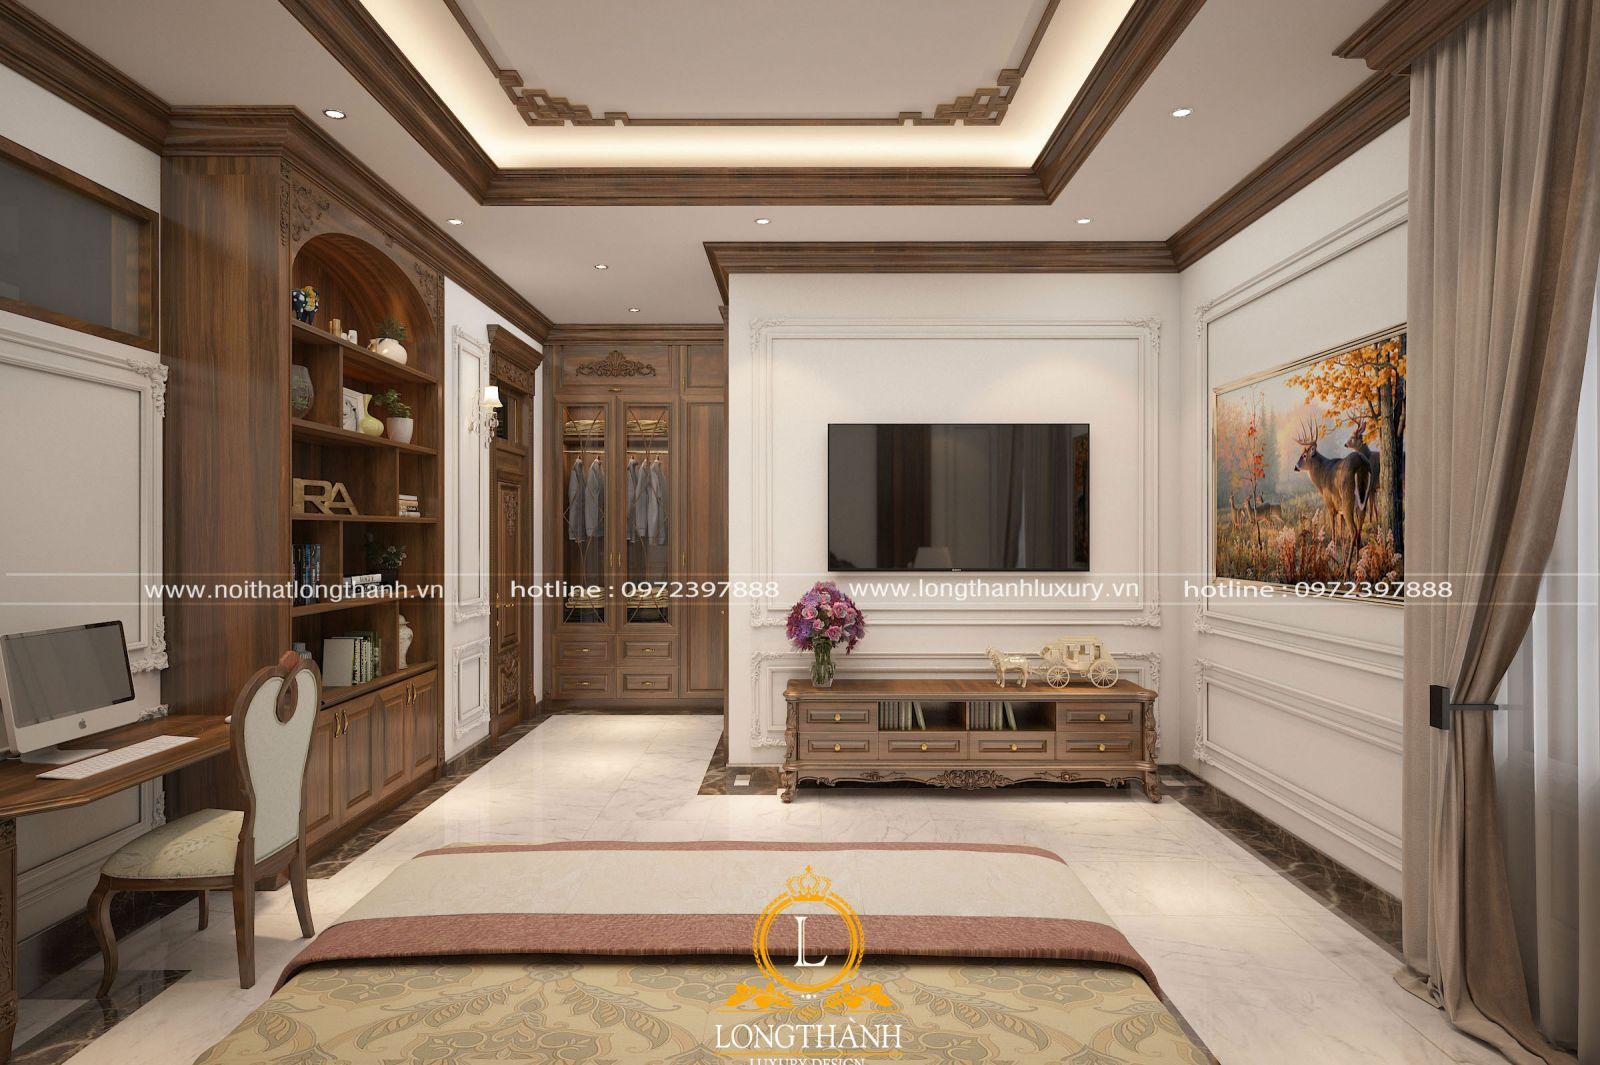 Nội thất phòng ngủ tiện nghi và ấn tượngvới hệ trần phàogỗ tự nhiên